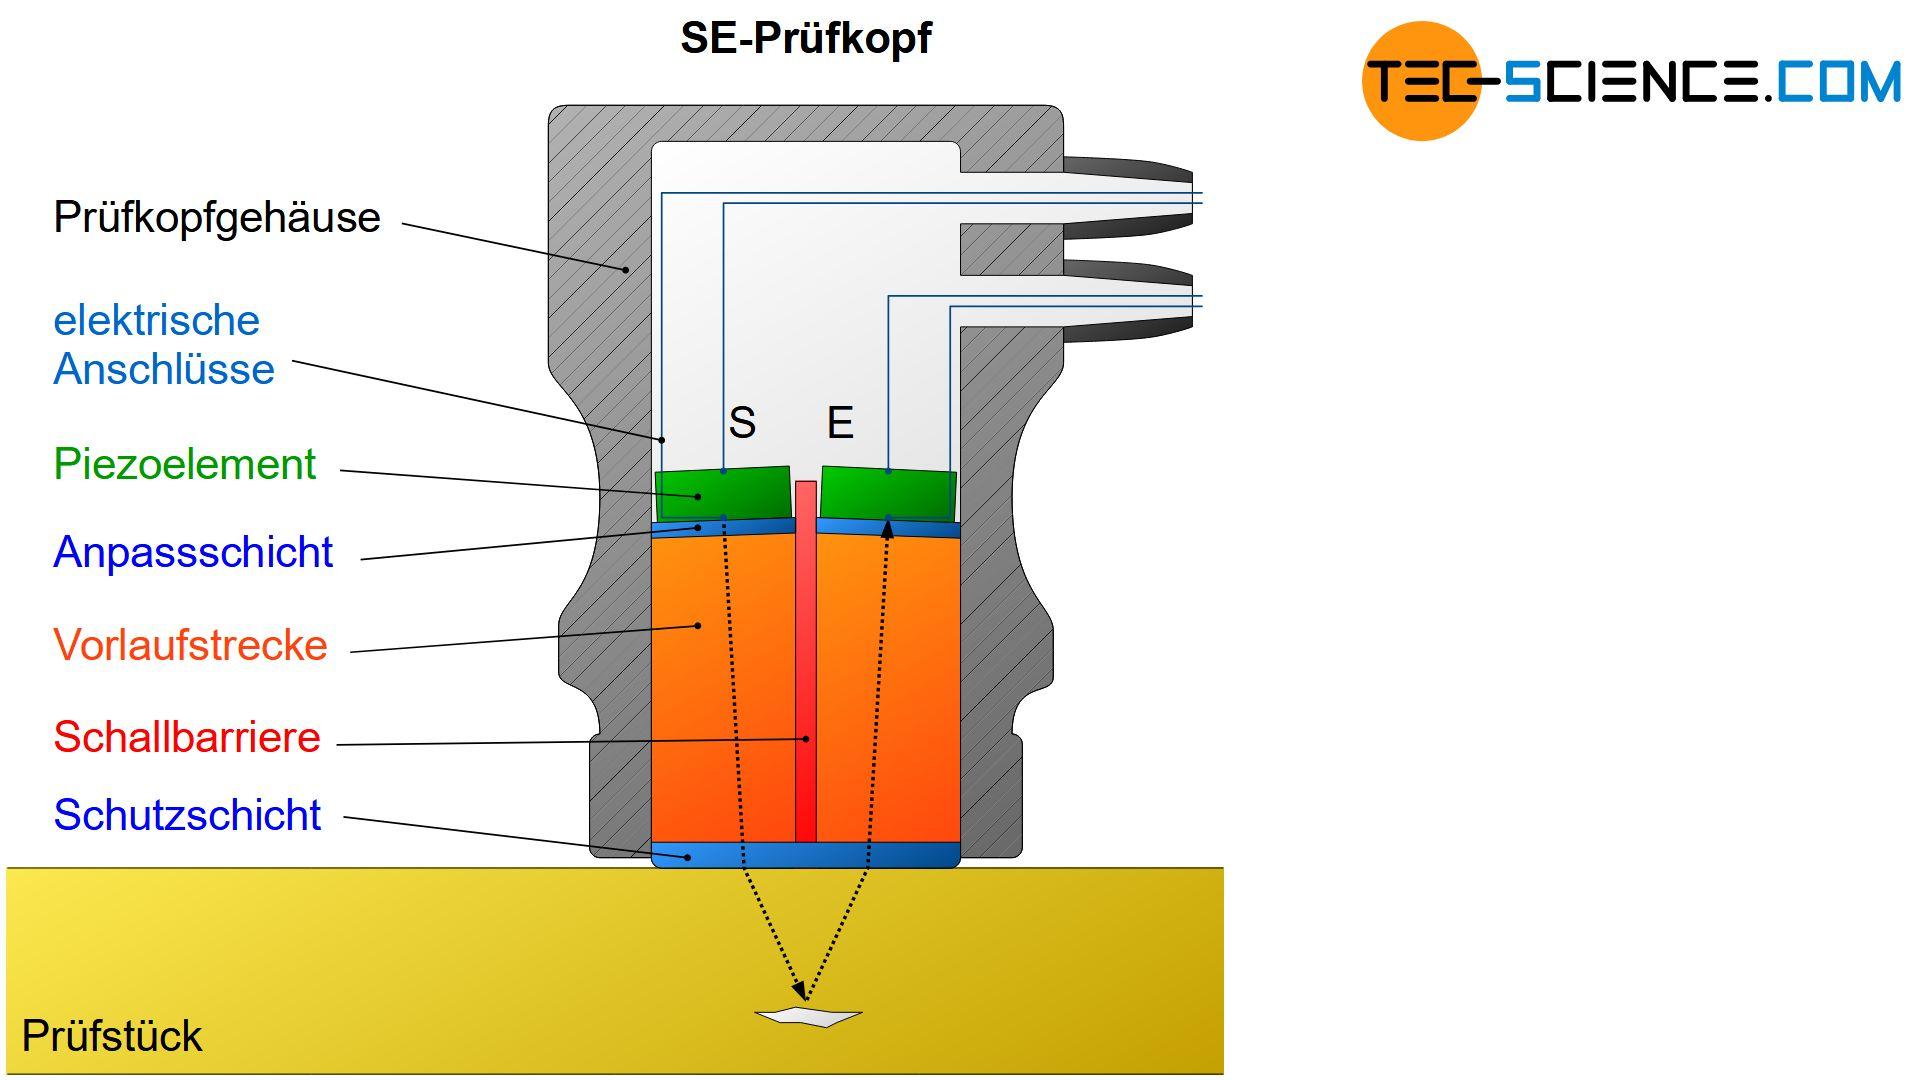 Aufbau eines SE-Prüfkopfes